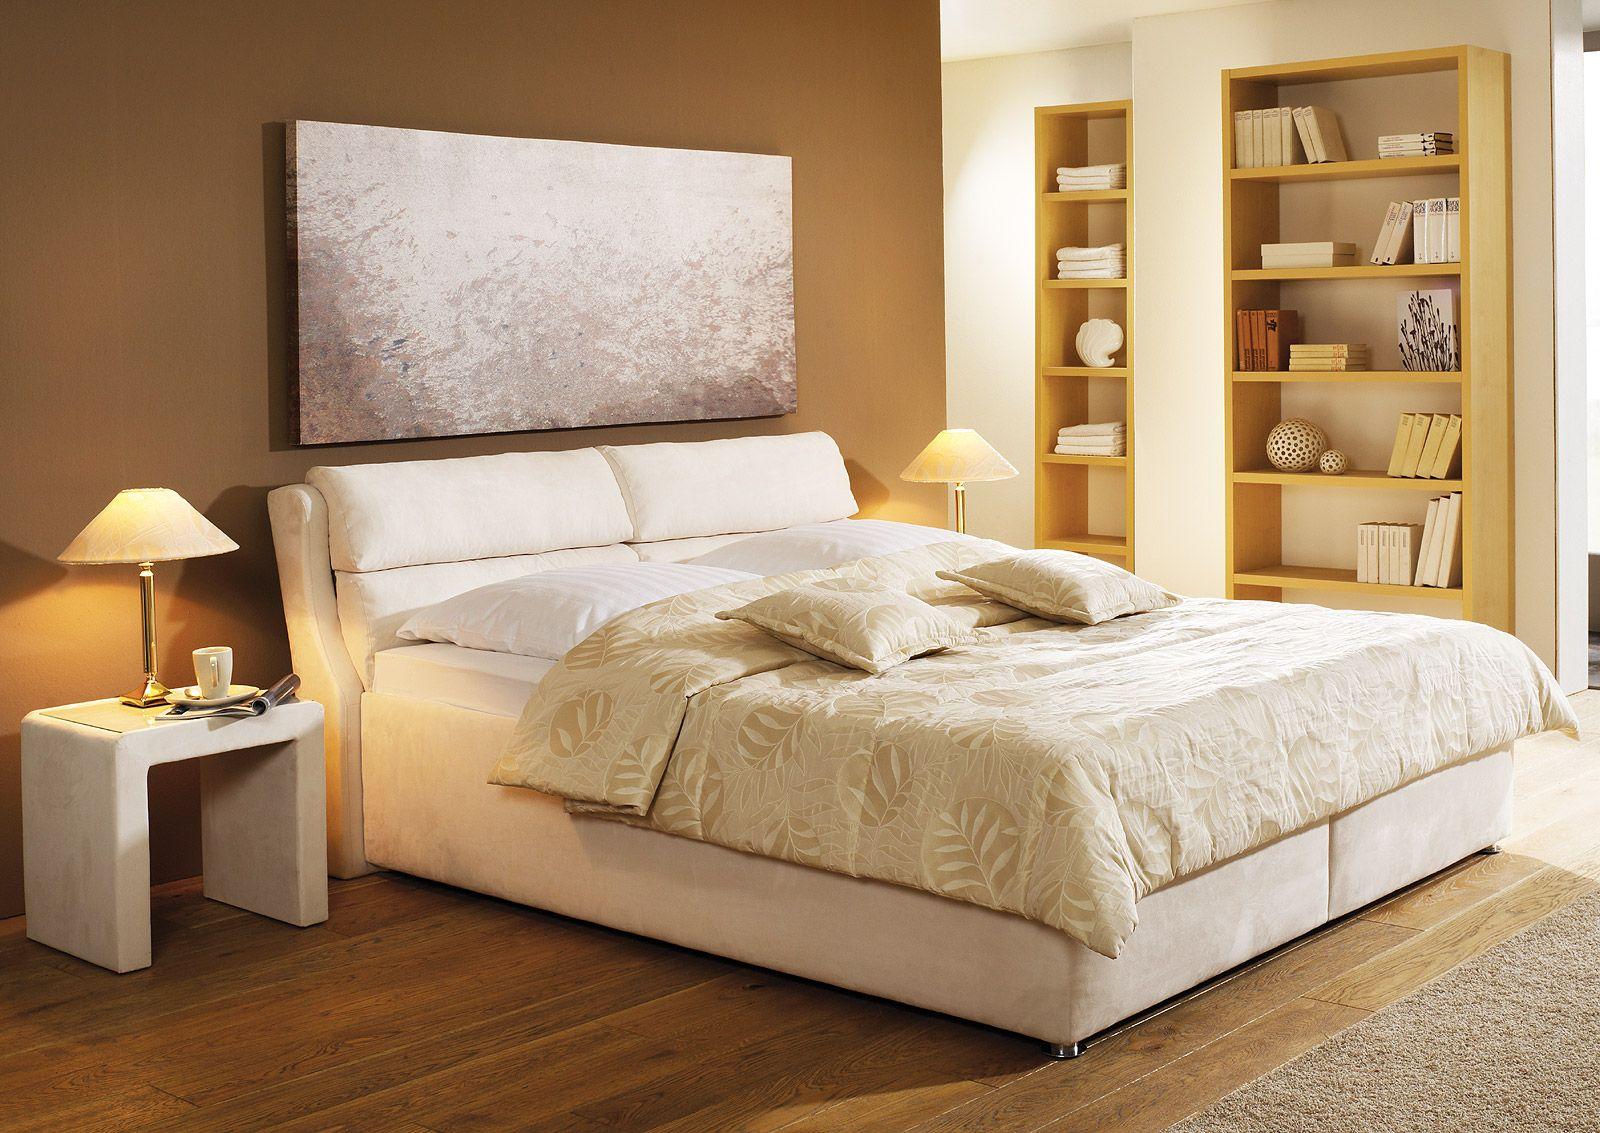 Bettgestell 180x200 hoch  Bett